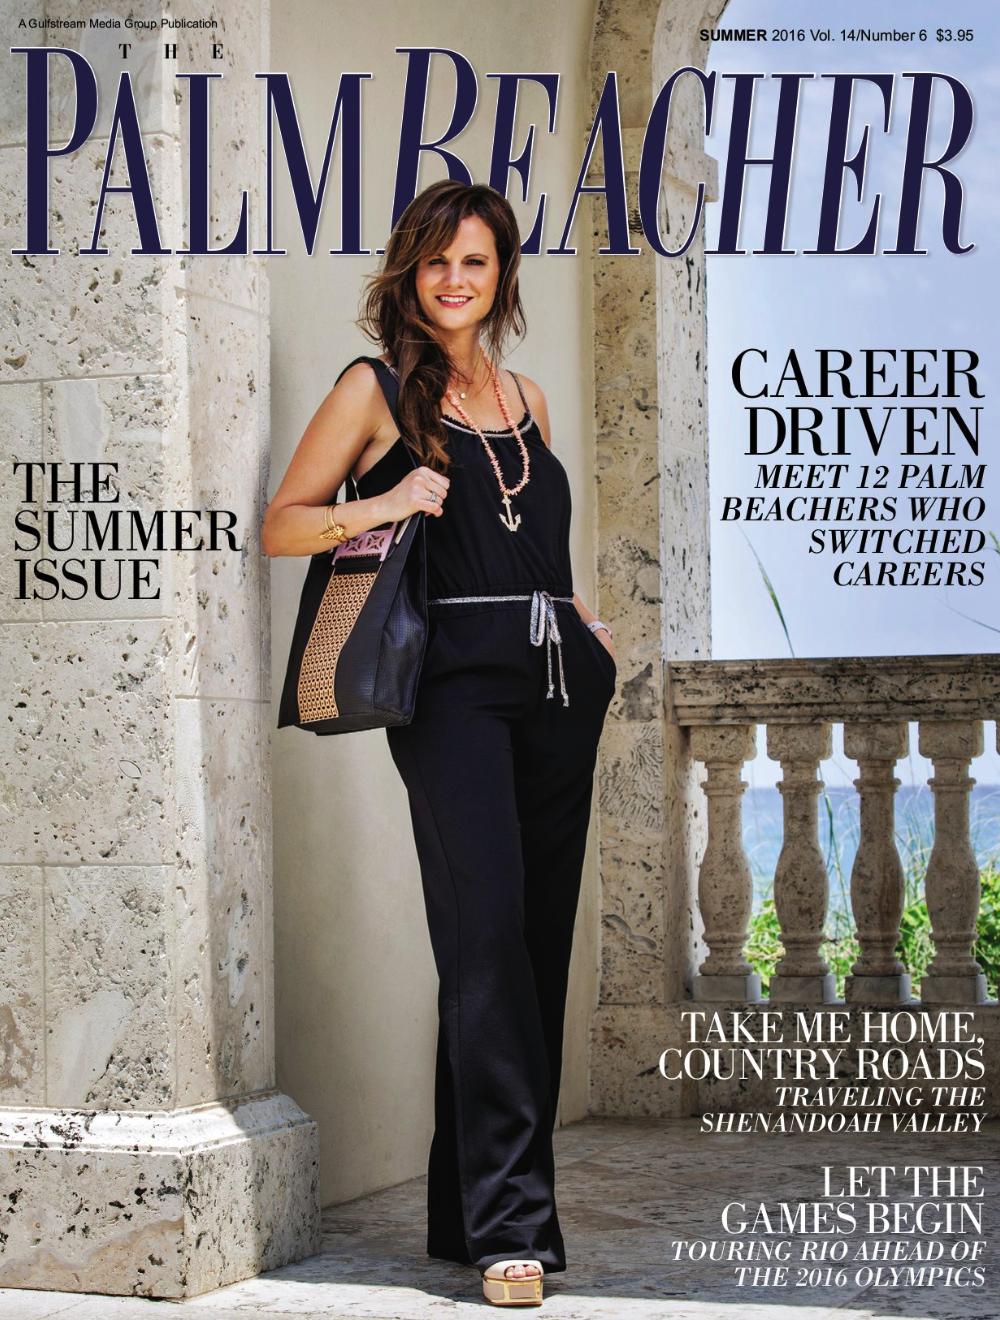 PalmBeacher Cover